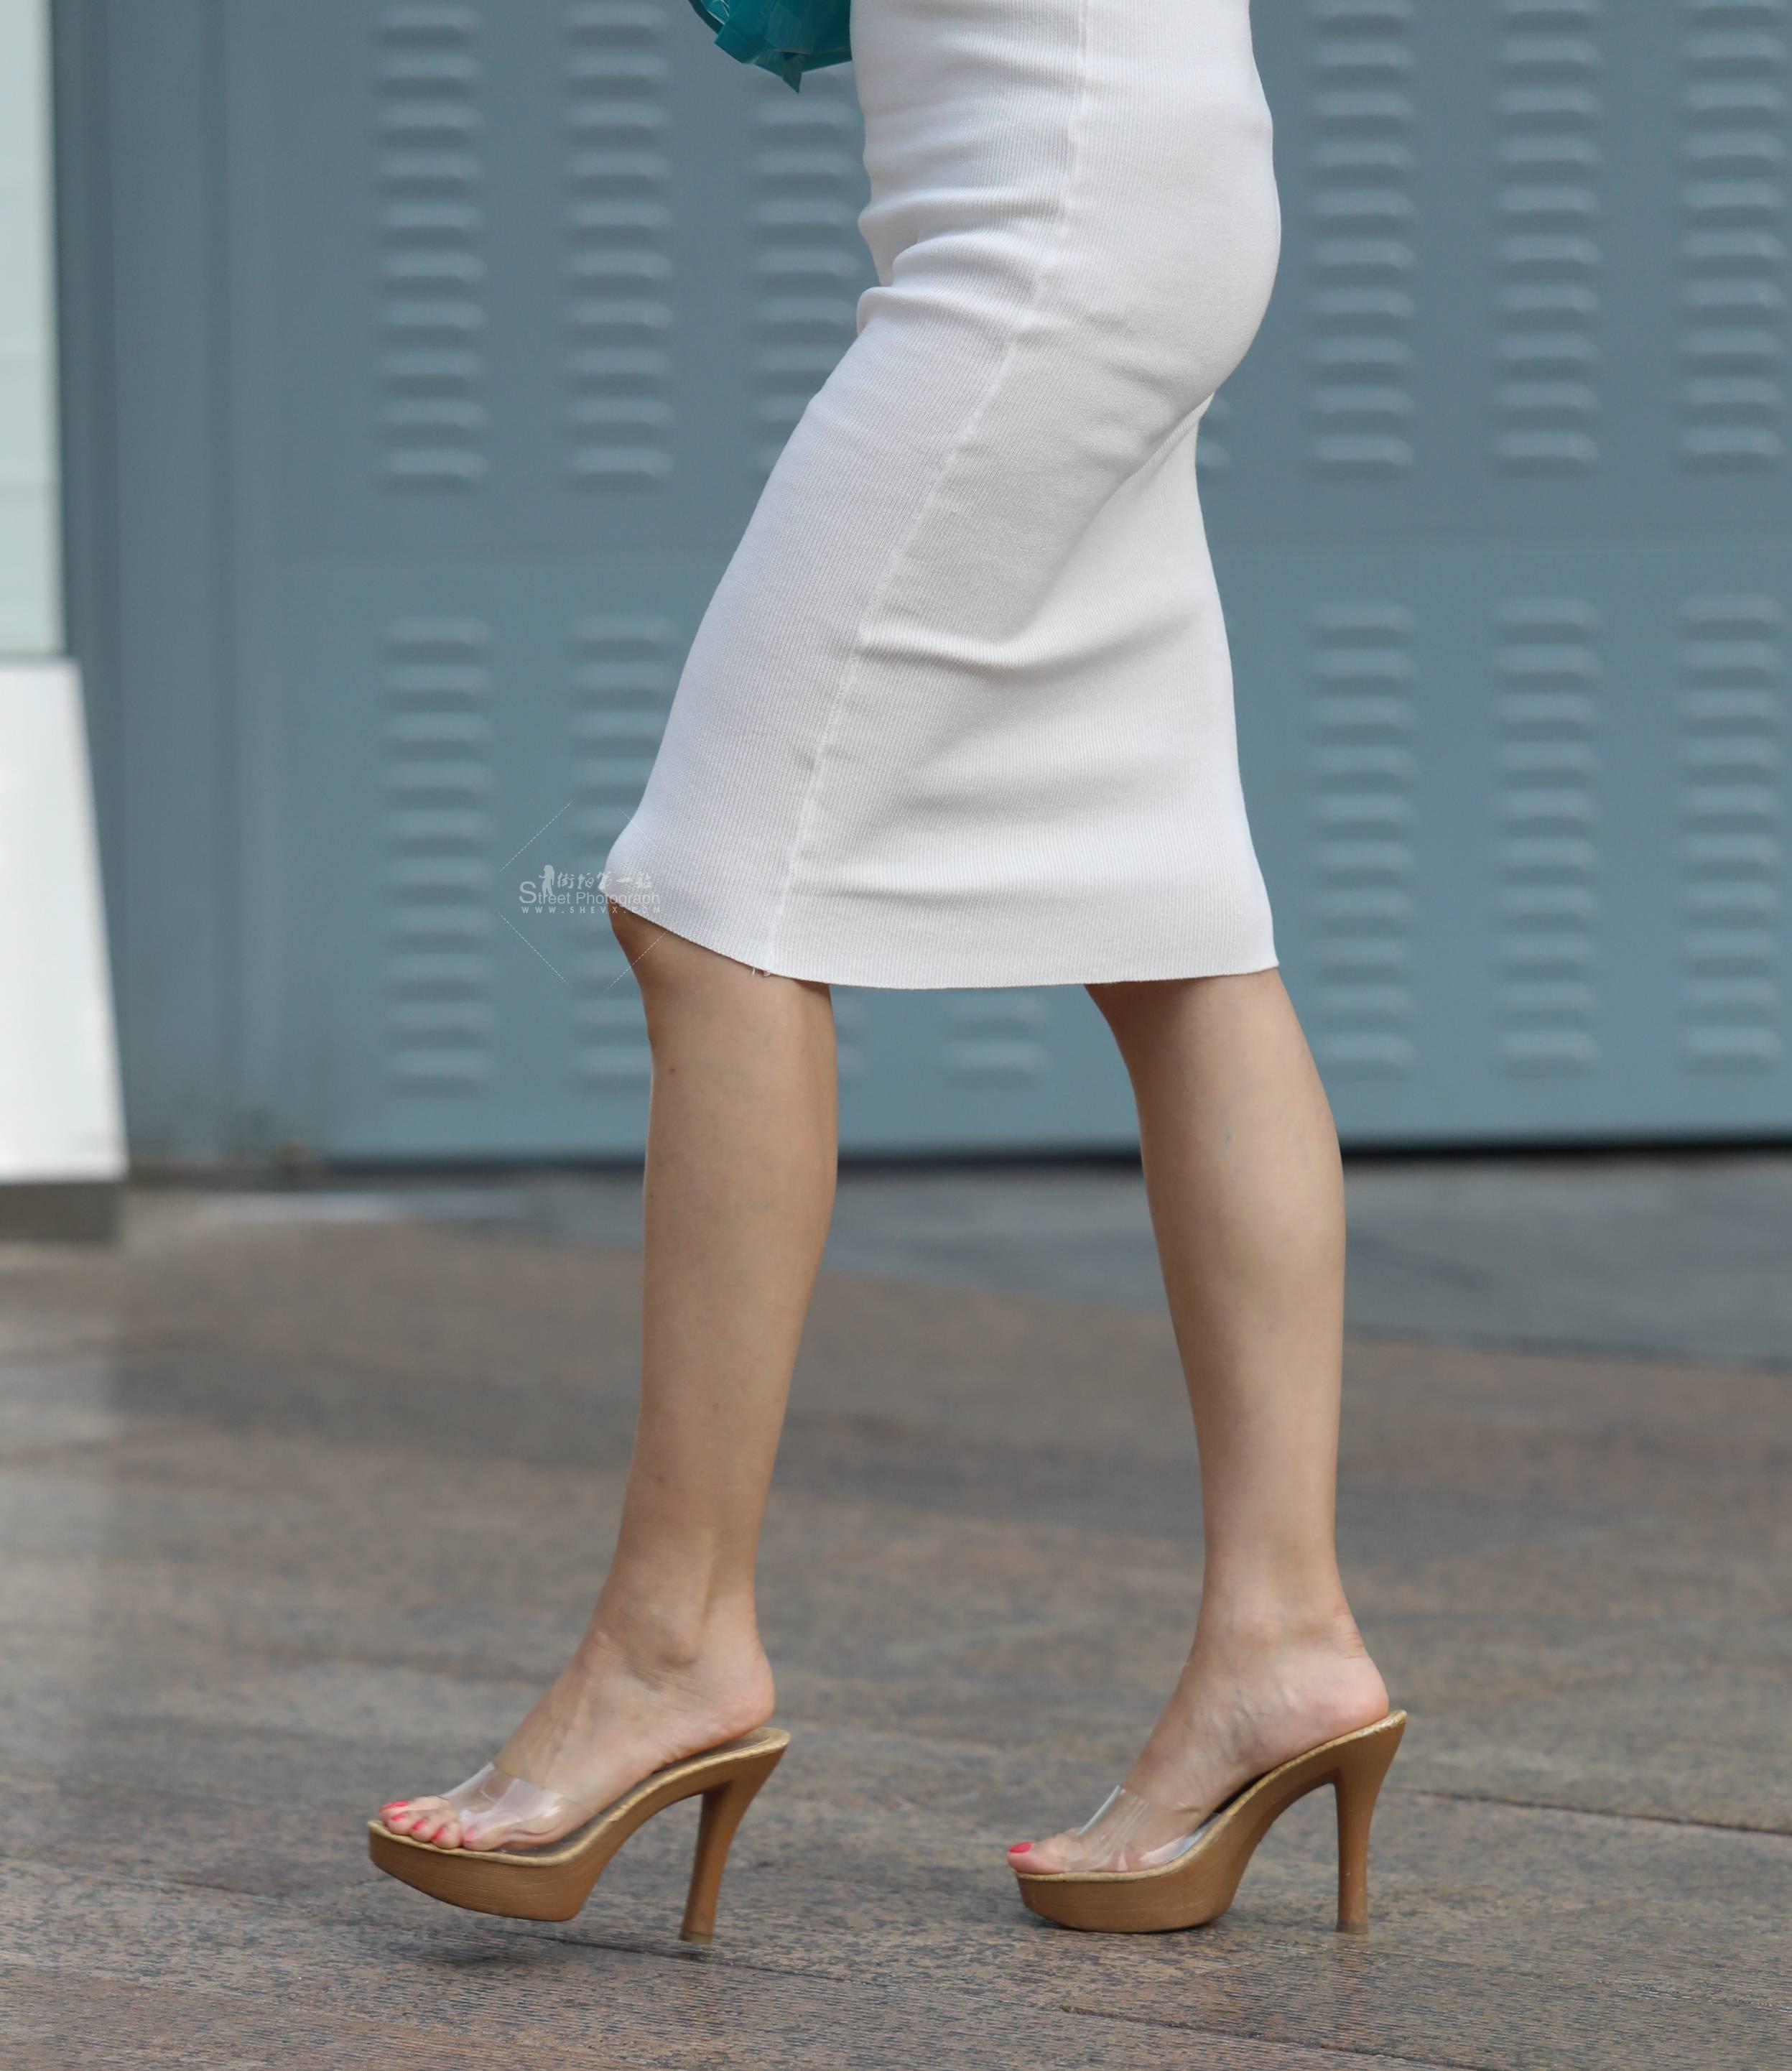 街拍高跟 【珏一笑而过】气质白裙 高跟 最新街拍丝袜图片 街拍丝袜第一站